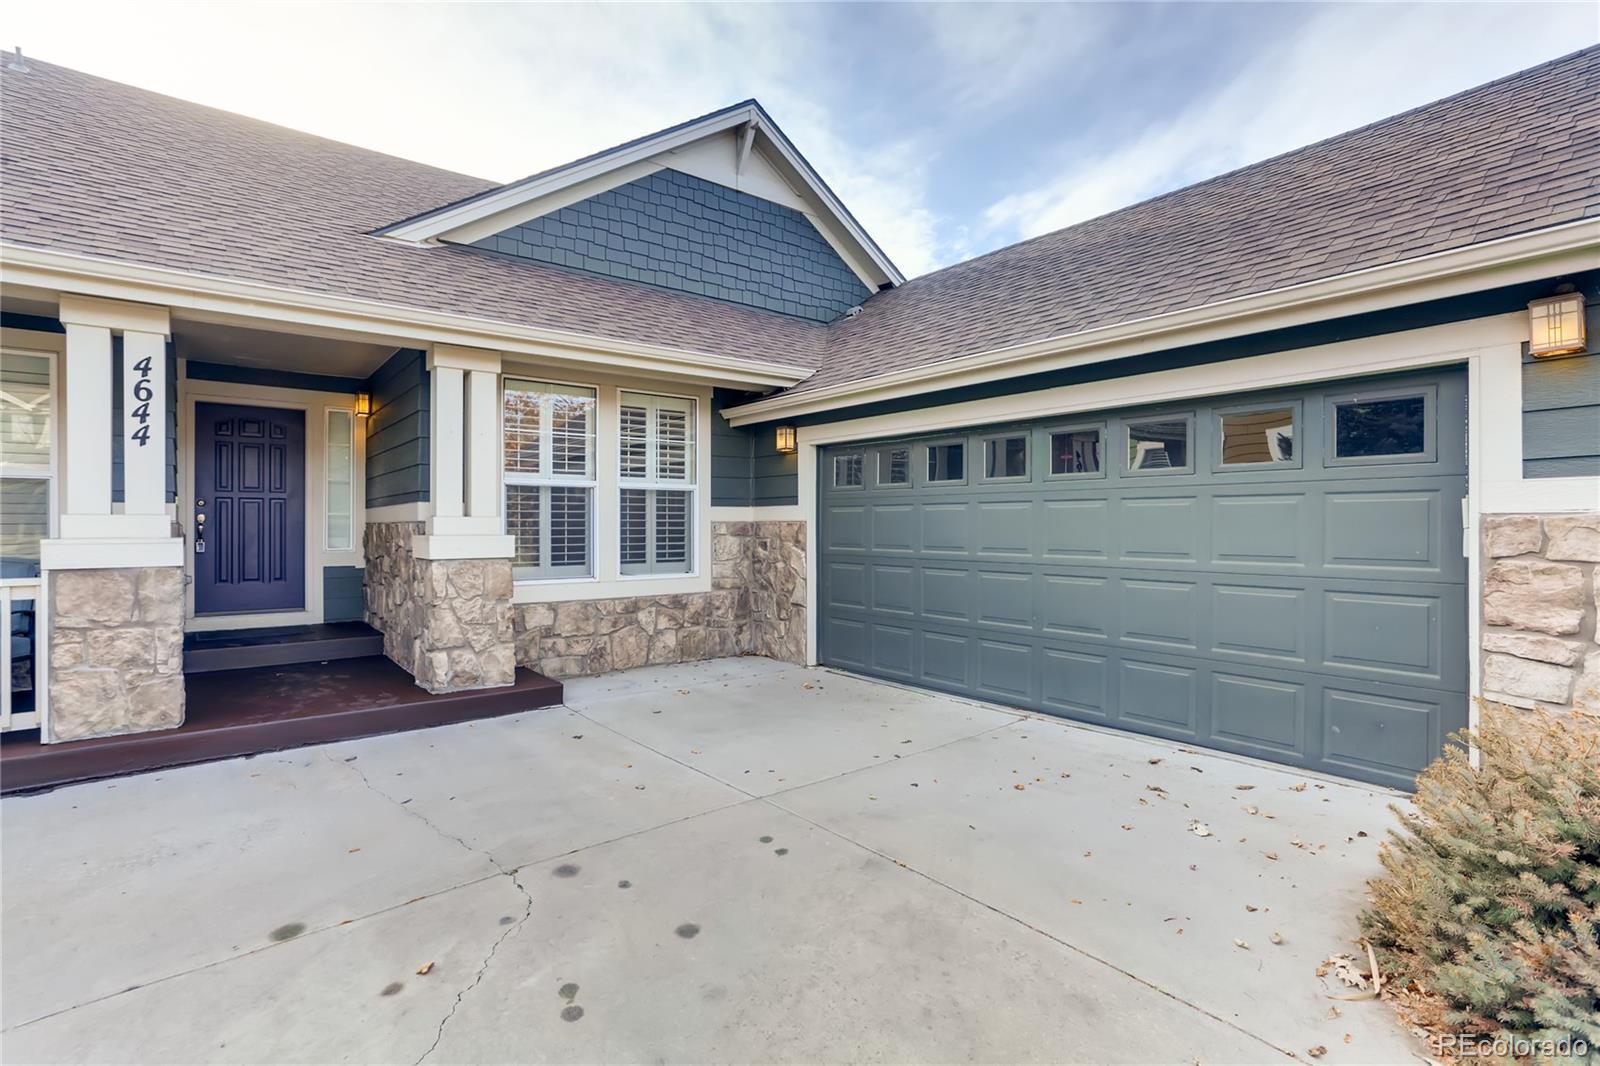 MLS# 3154871 - 4 - 4644 Cedar Glen Place, Castle Rock, CO 80109